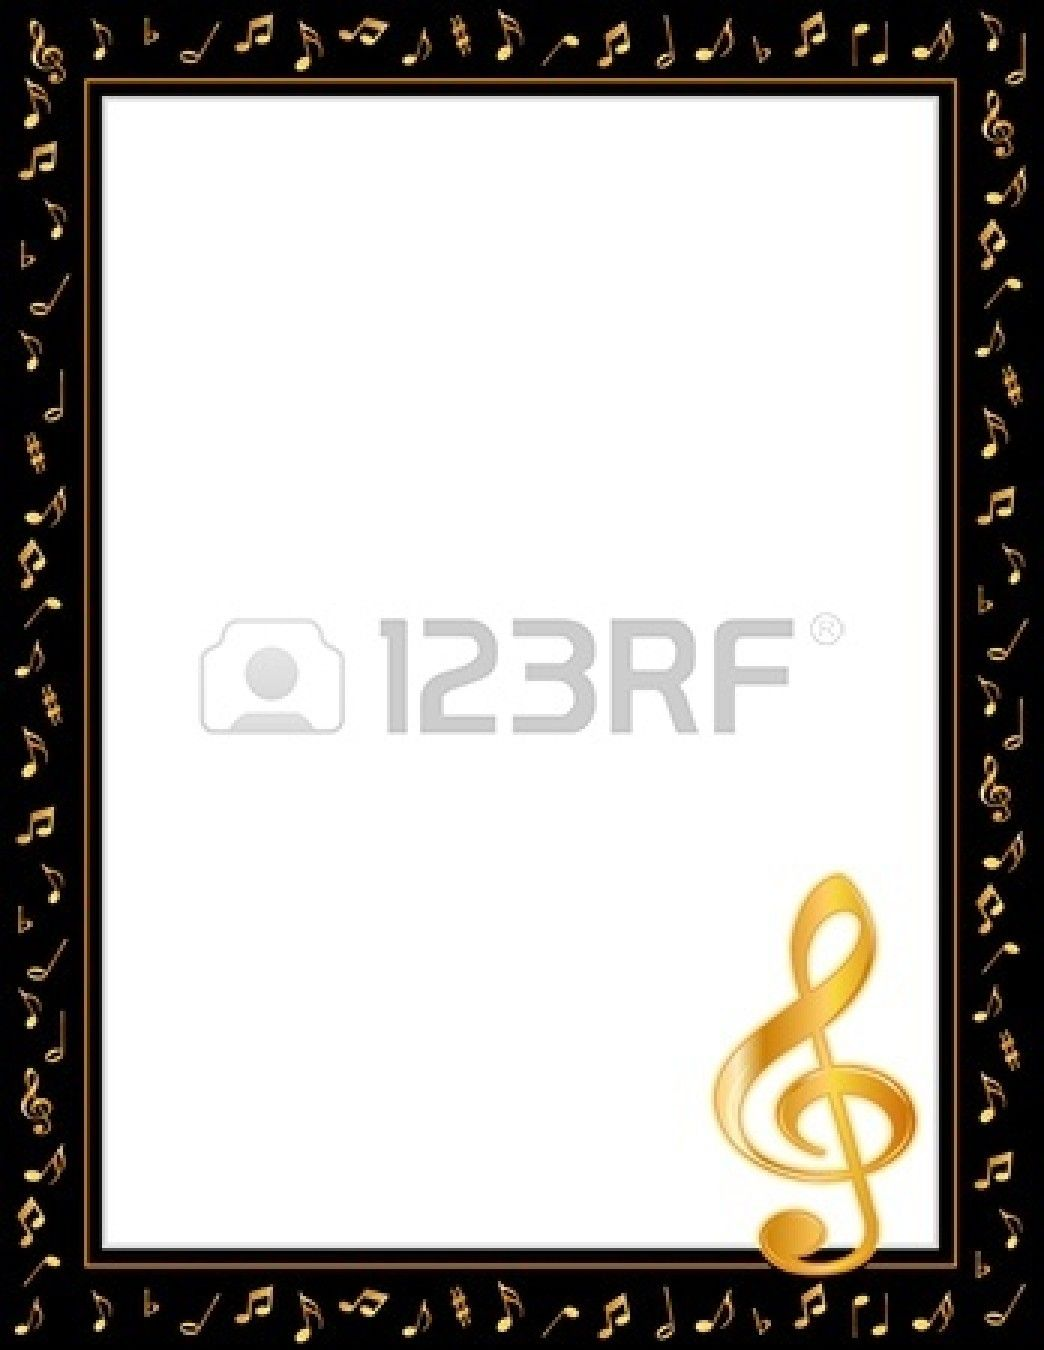 Niedlich 24x36 Schwarzer Rahmen Fotos - Benutzerdefinierte ...